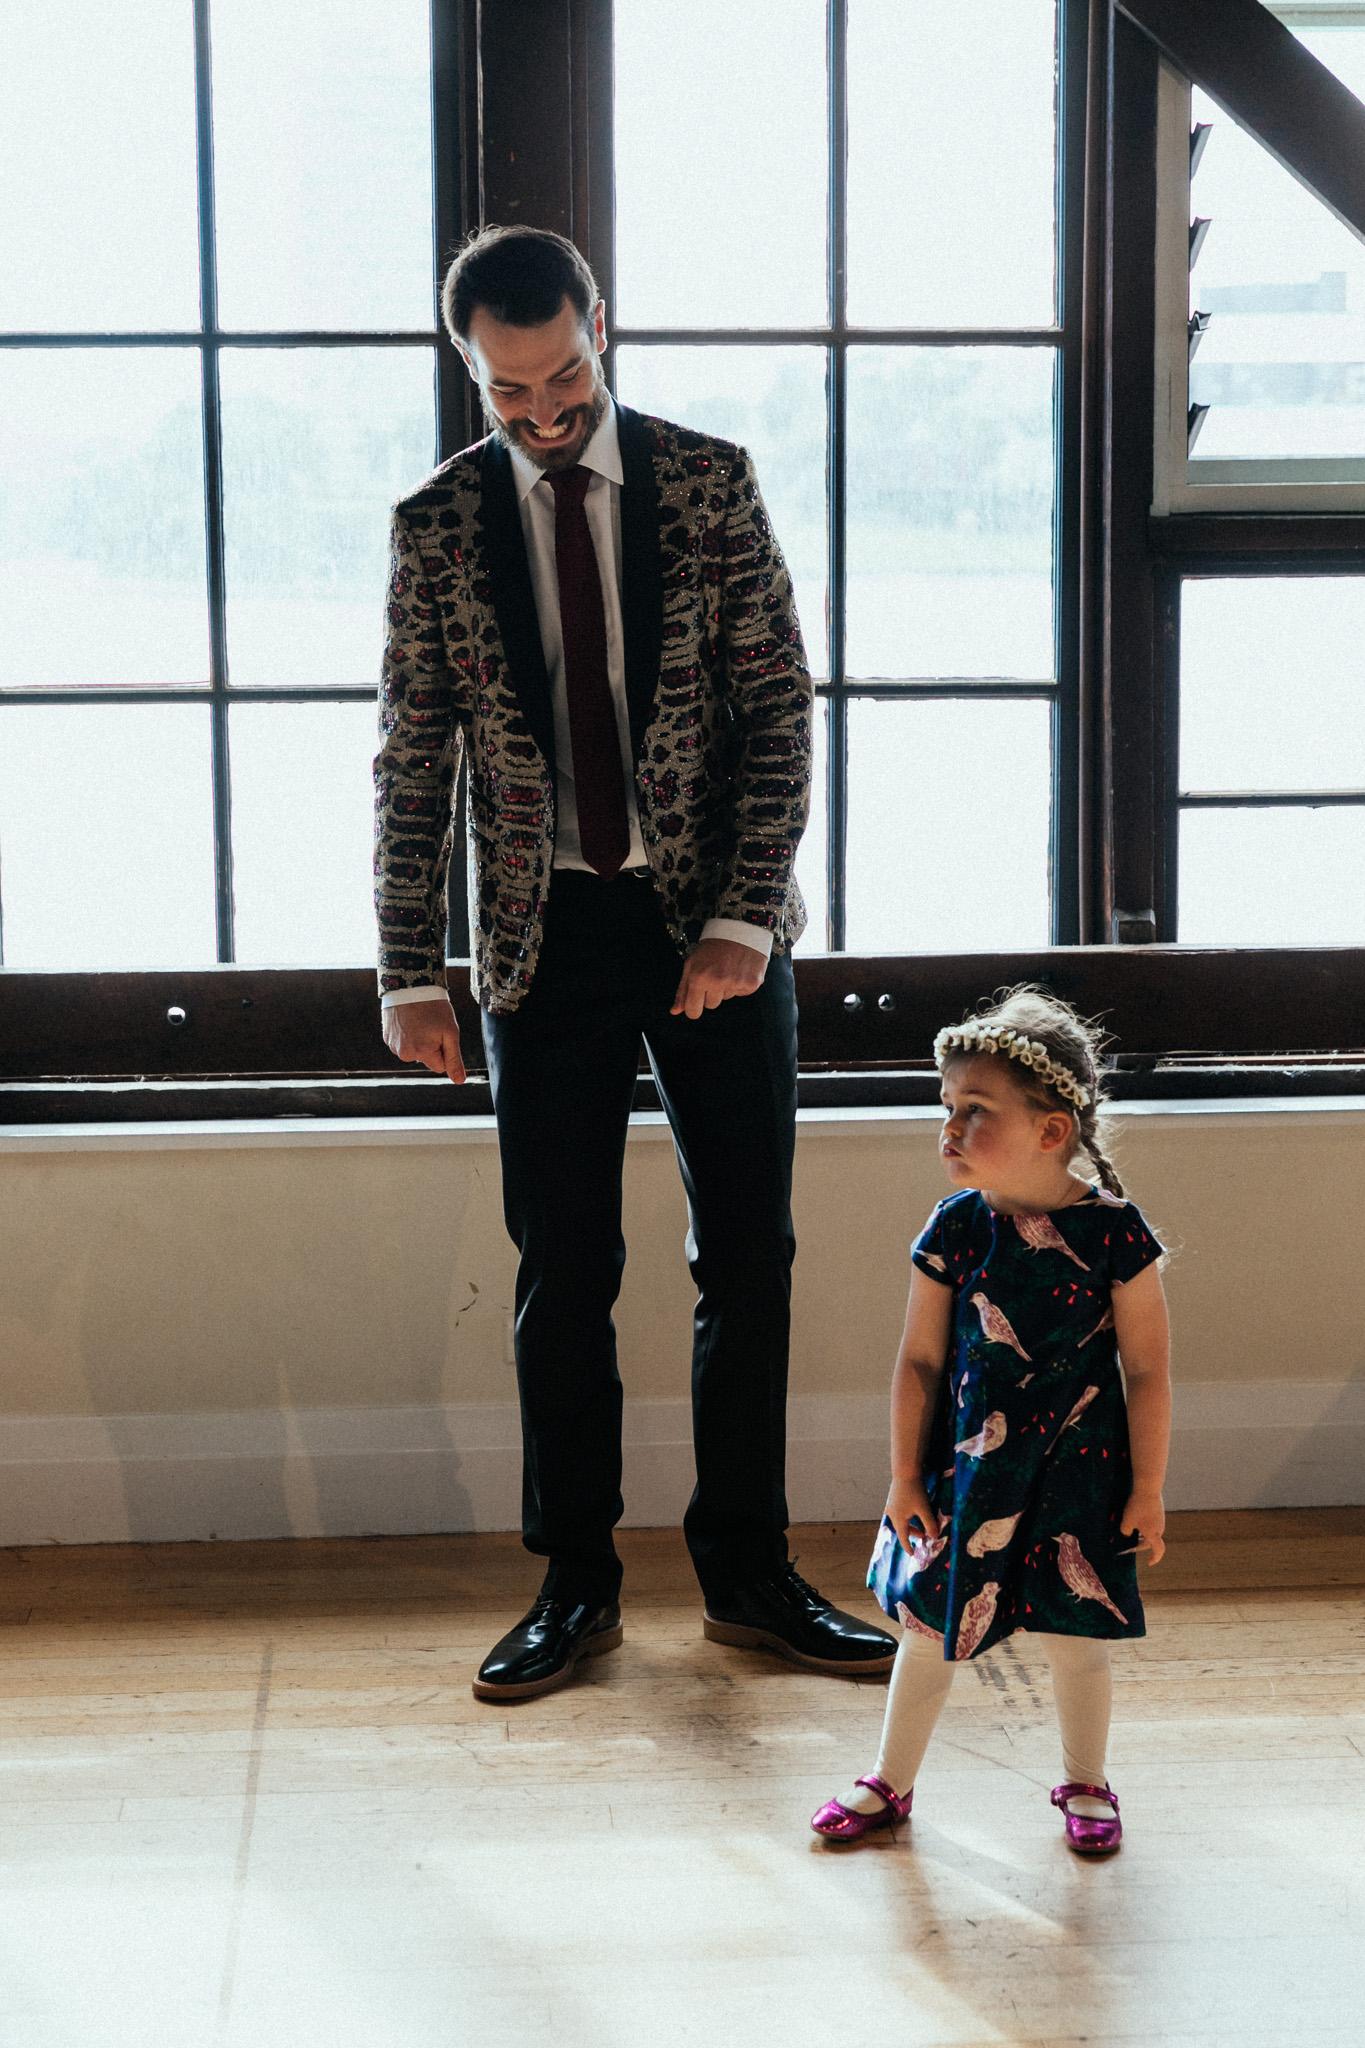 Nick&Ness_2017_credit_OneDaySomewherePhotographyuntitled-1076.jpg